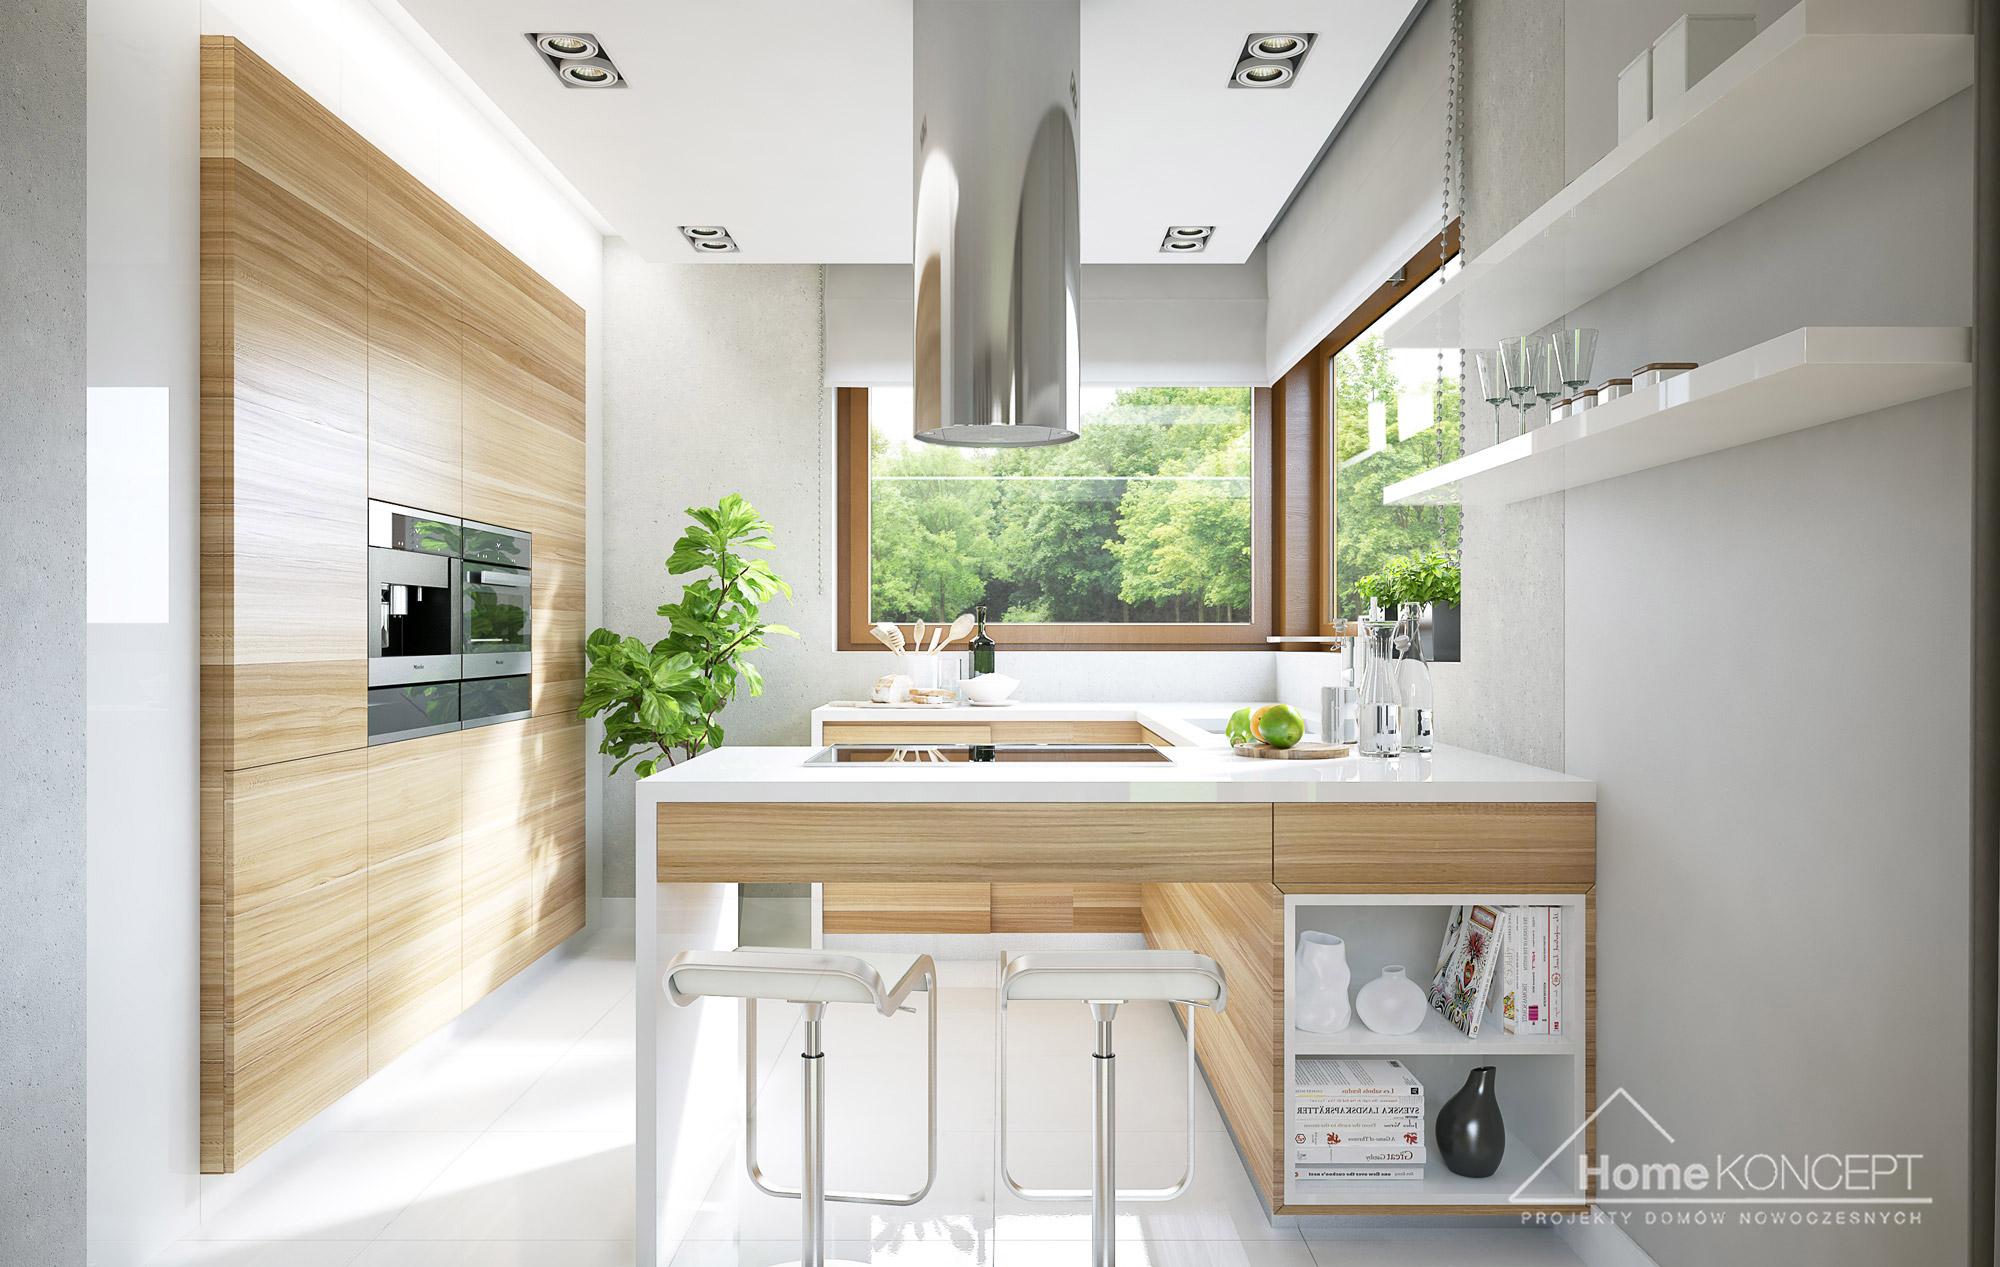 Projekt Domu Homekoncept 18 Architekt Allplans Rzeszow Przemysl